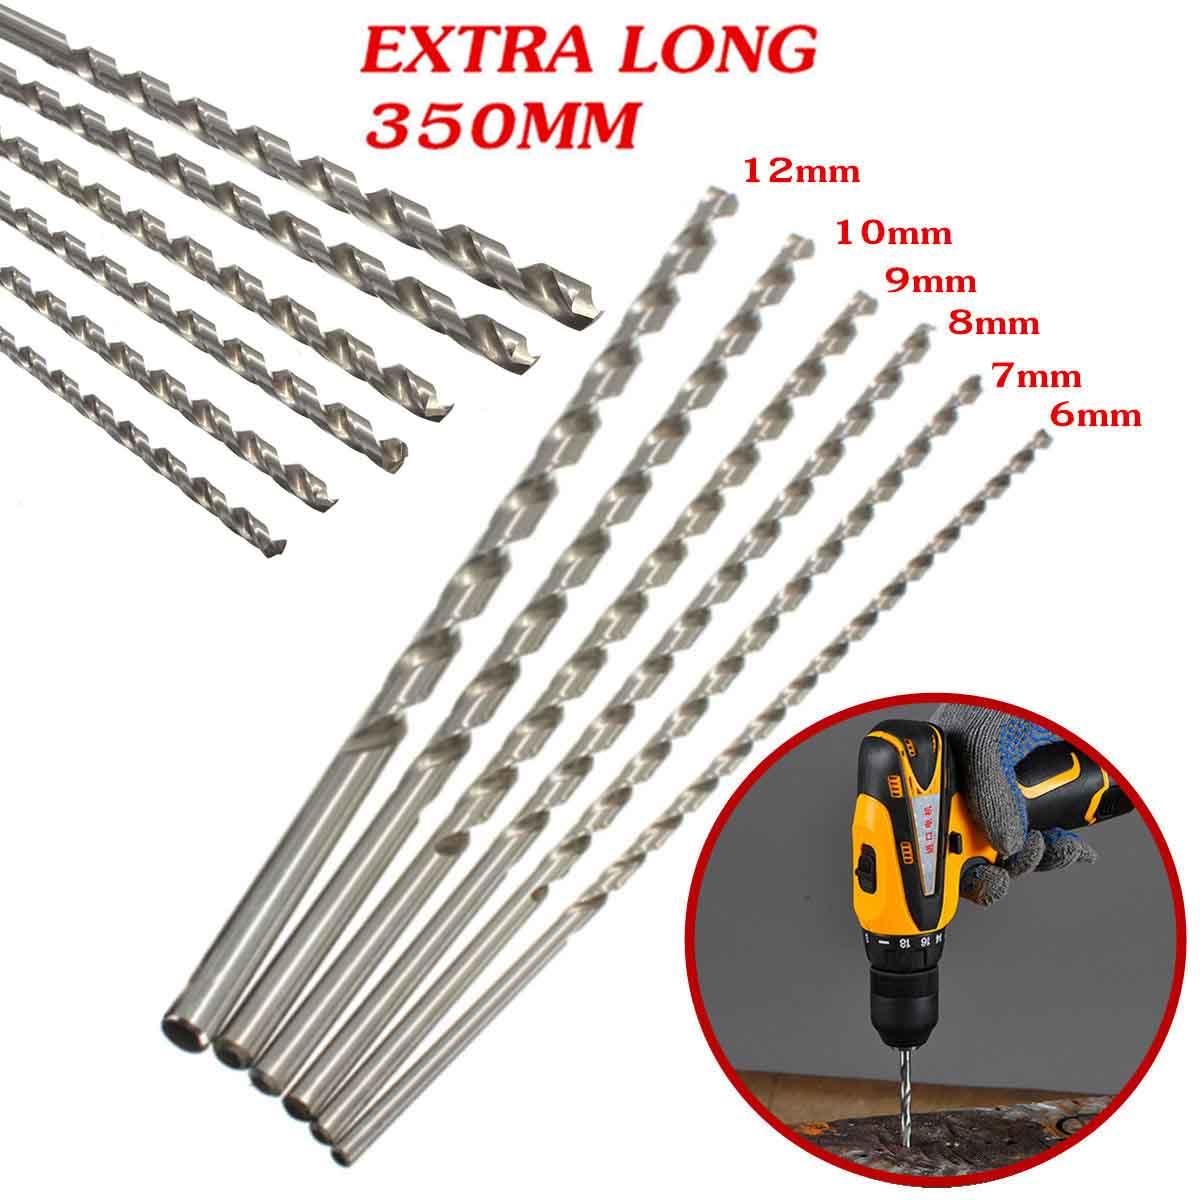 Twist Drill Bit 6/7/8/9/10/12mm Diameter Extra Long HSS Straigth Shank Auger Twist Drill Bit Set 350mm